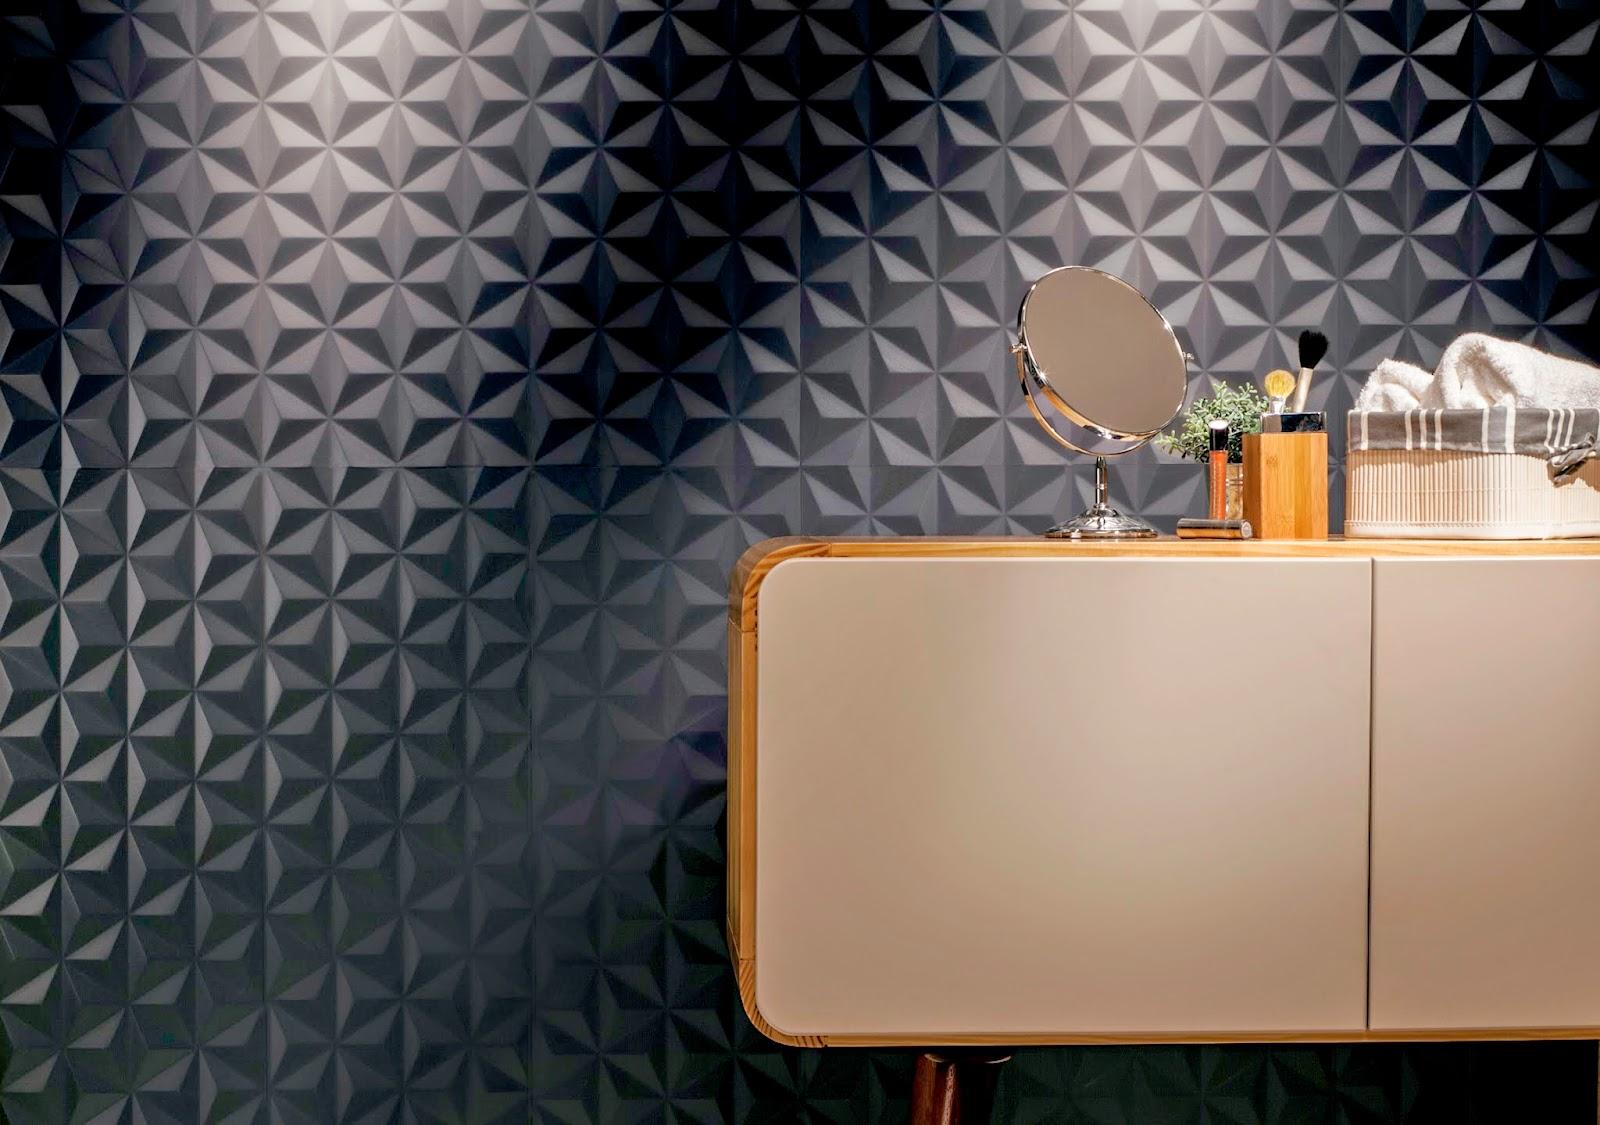 #A66625  com revestimento preto lançamentos 2015 da Cerâmica Portinari 1600x1125 px Banheiros Decorados Com Revestimento Portinari 1087